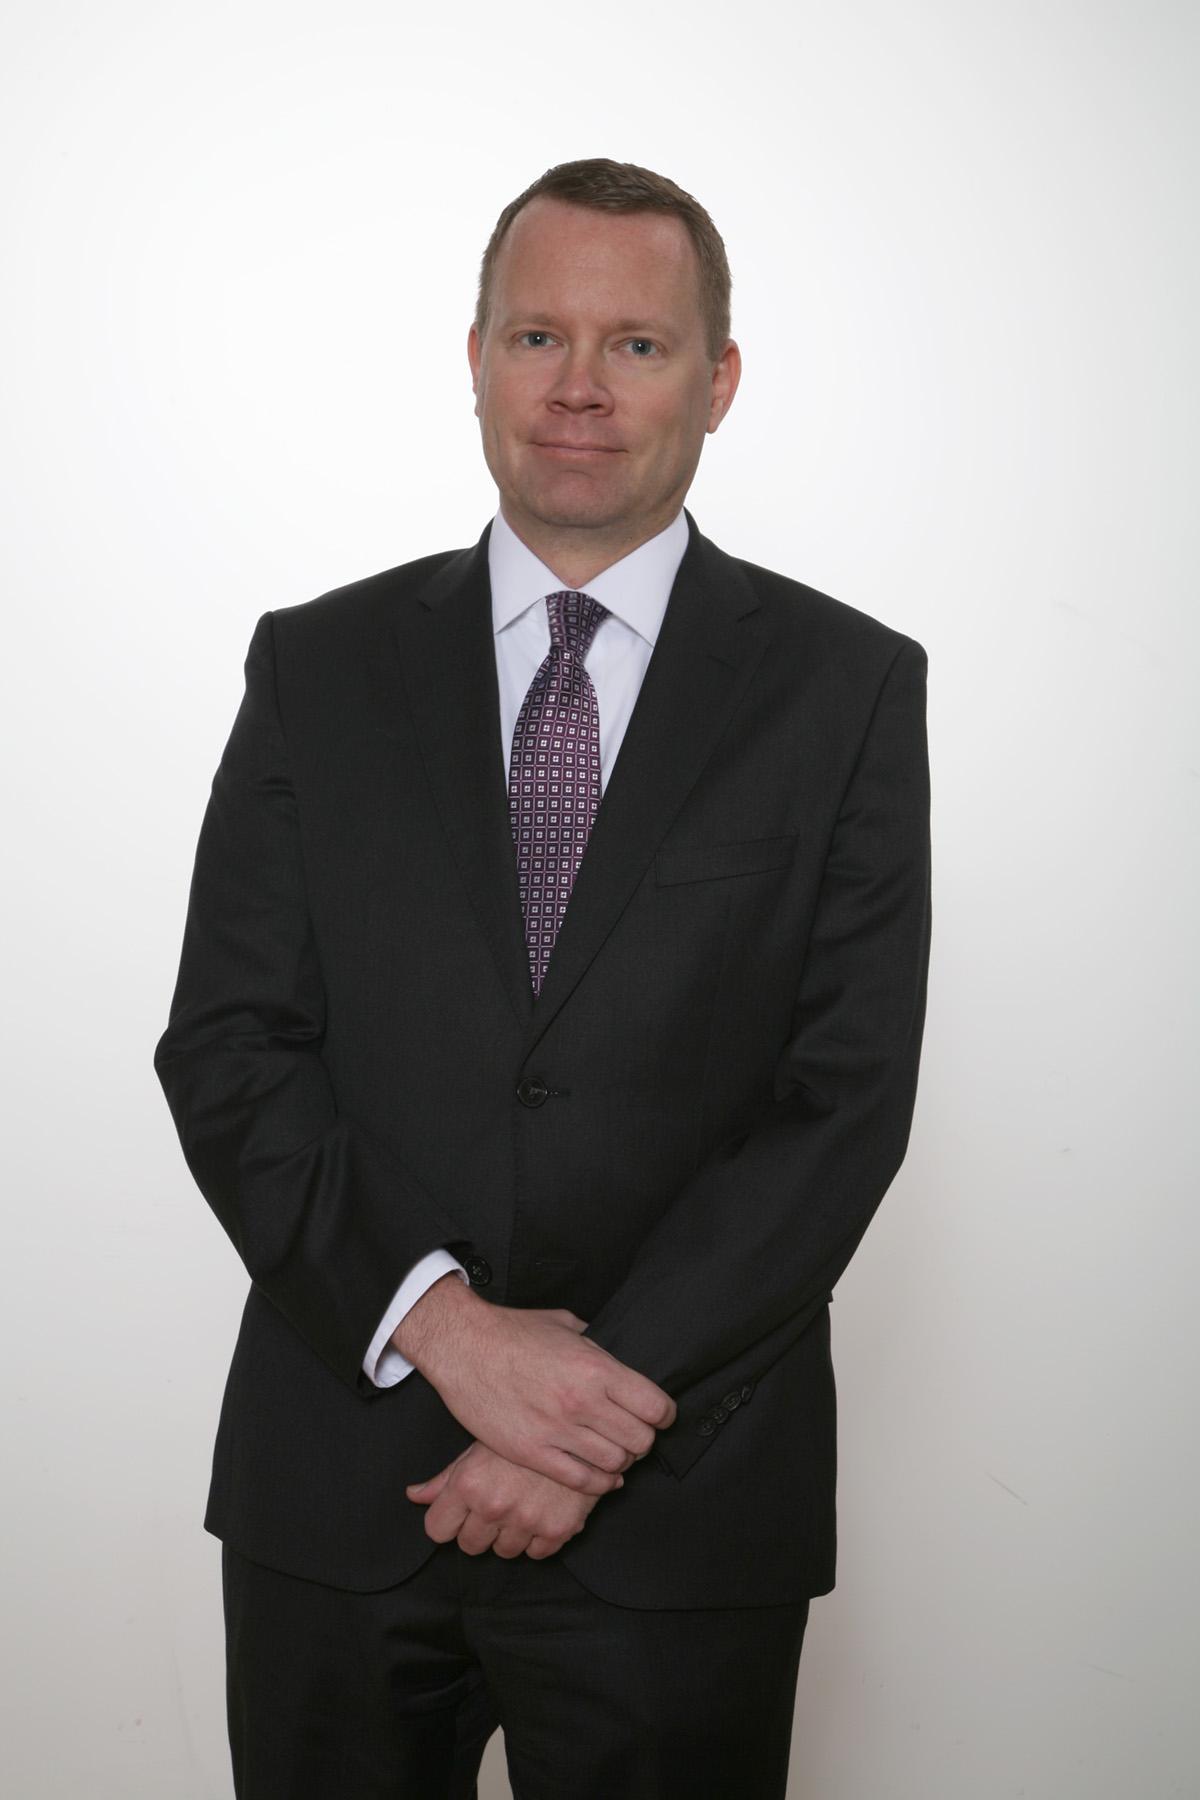 Jim Hefferan